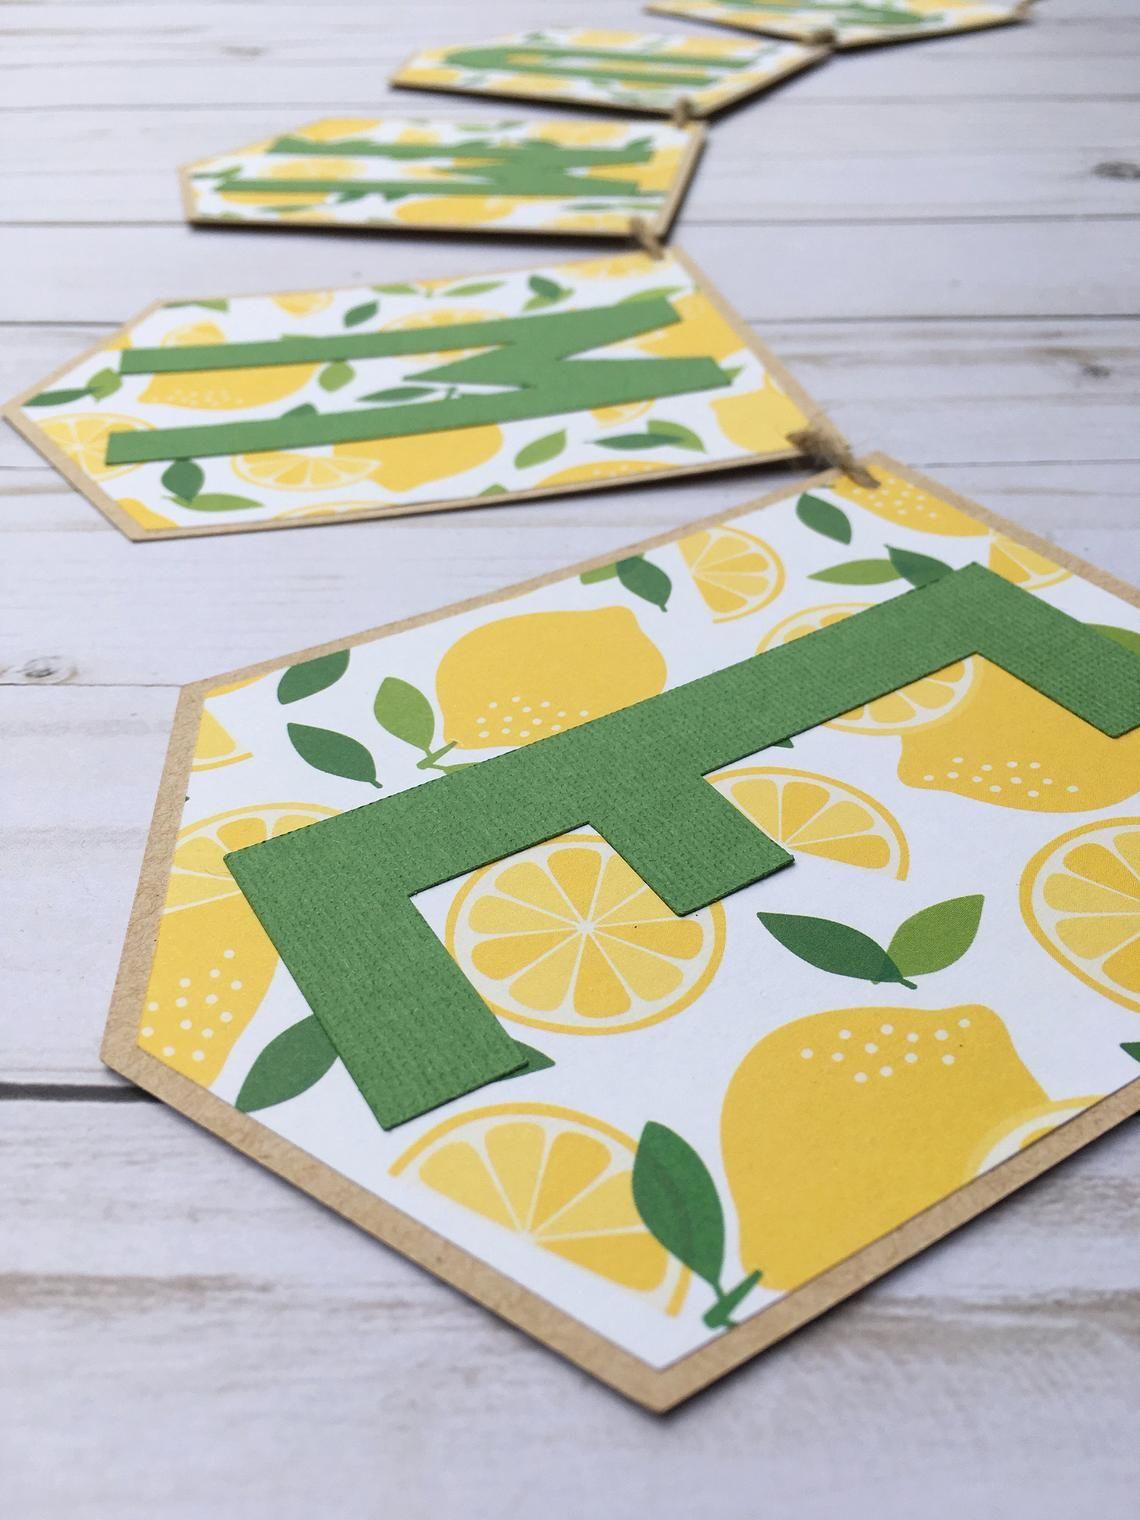 Summer Banner, Lemon Banner, Lemon Party Decor, Lemonade Party Banner, Lemon Smash Cake Banner, Summer Party Banner, Lemon Theme Sign #lemonade